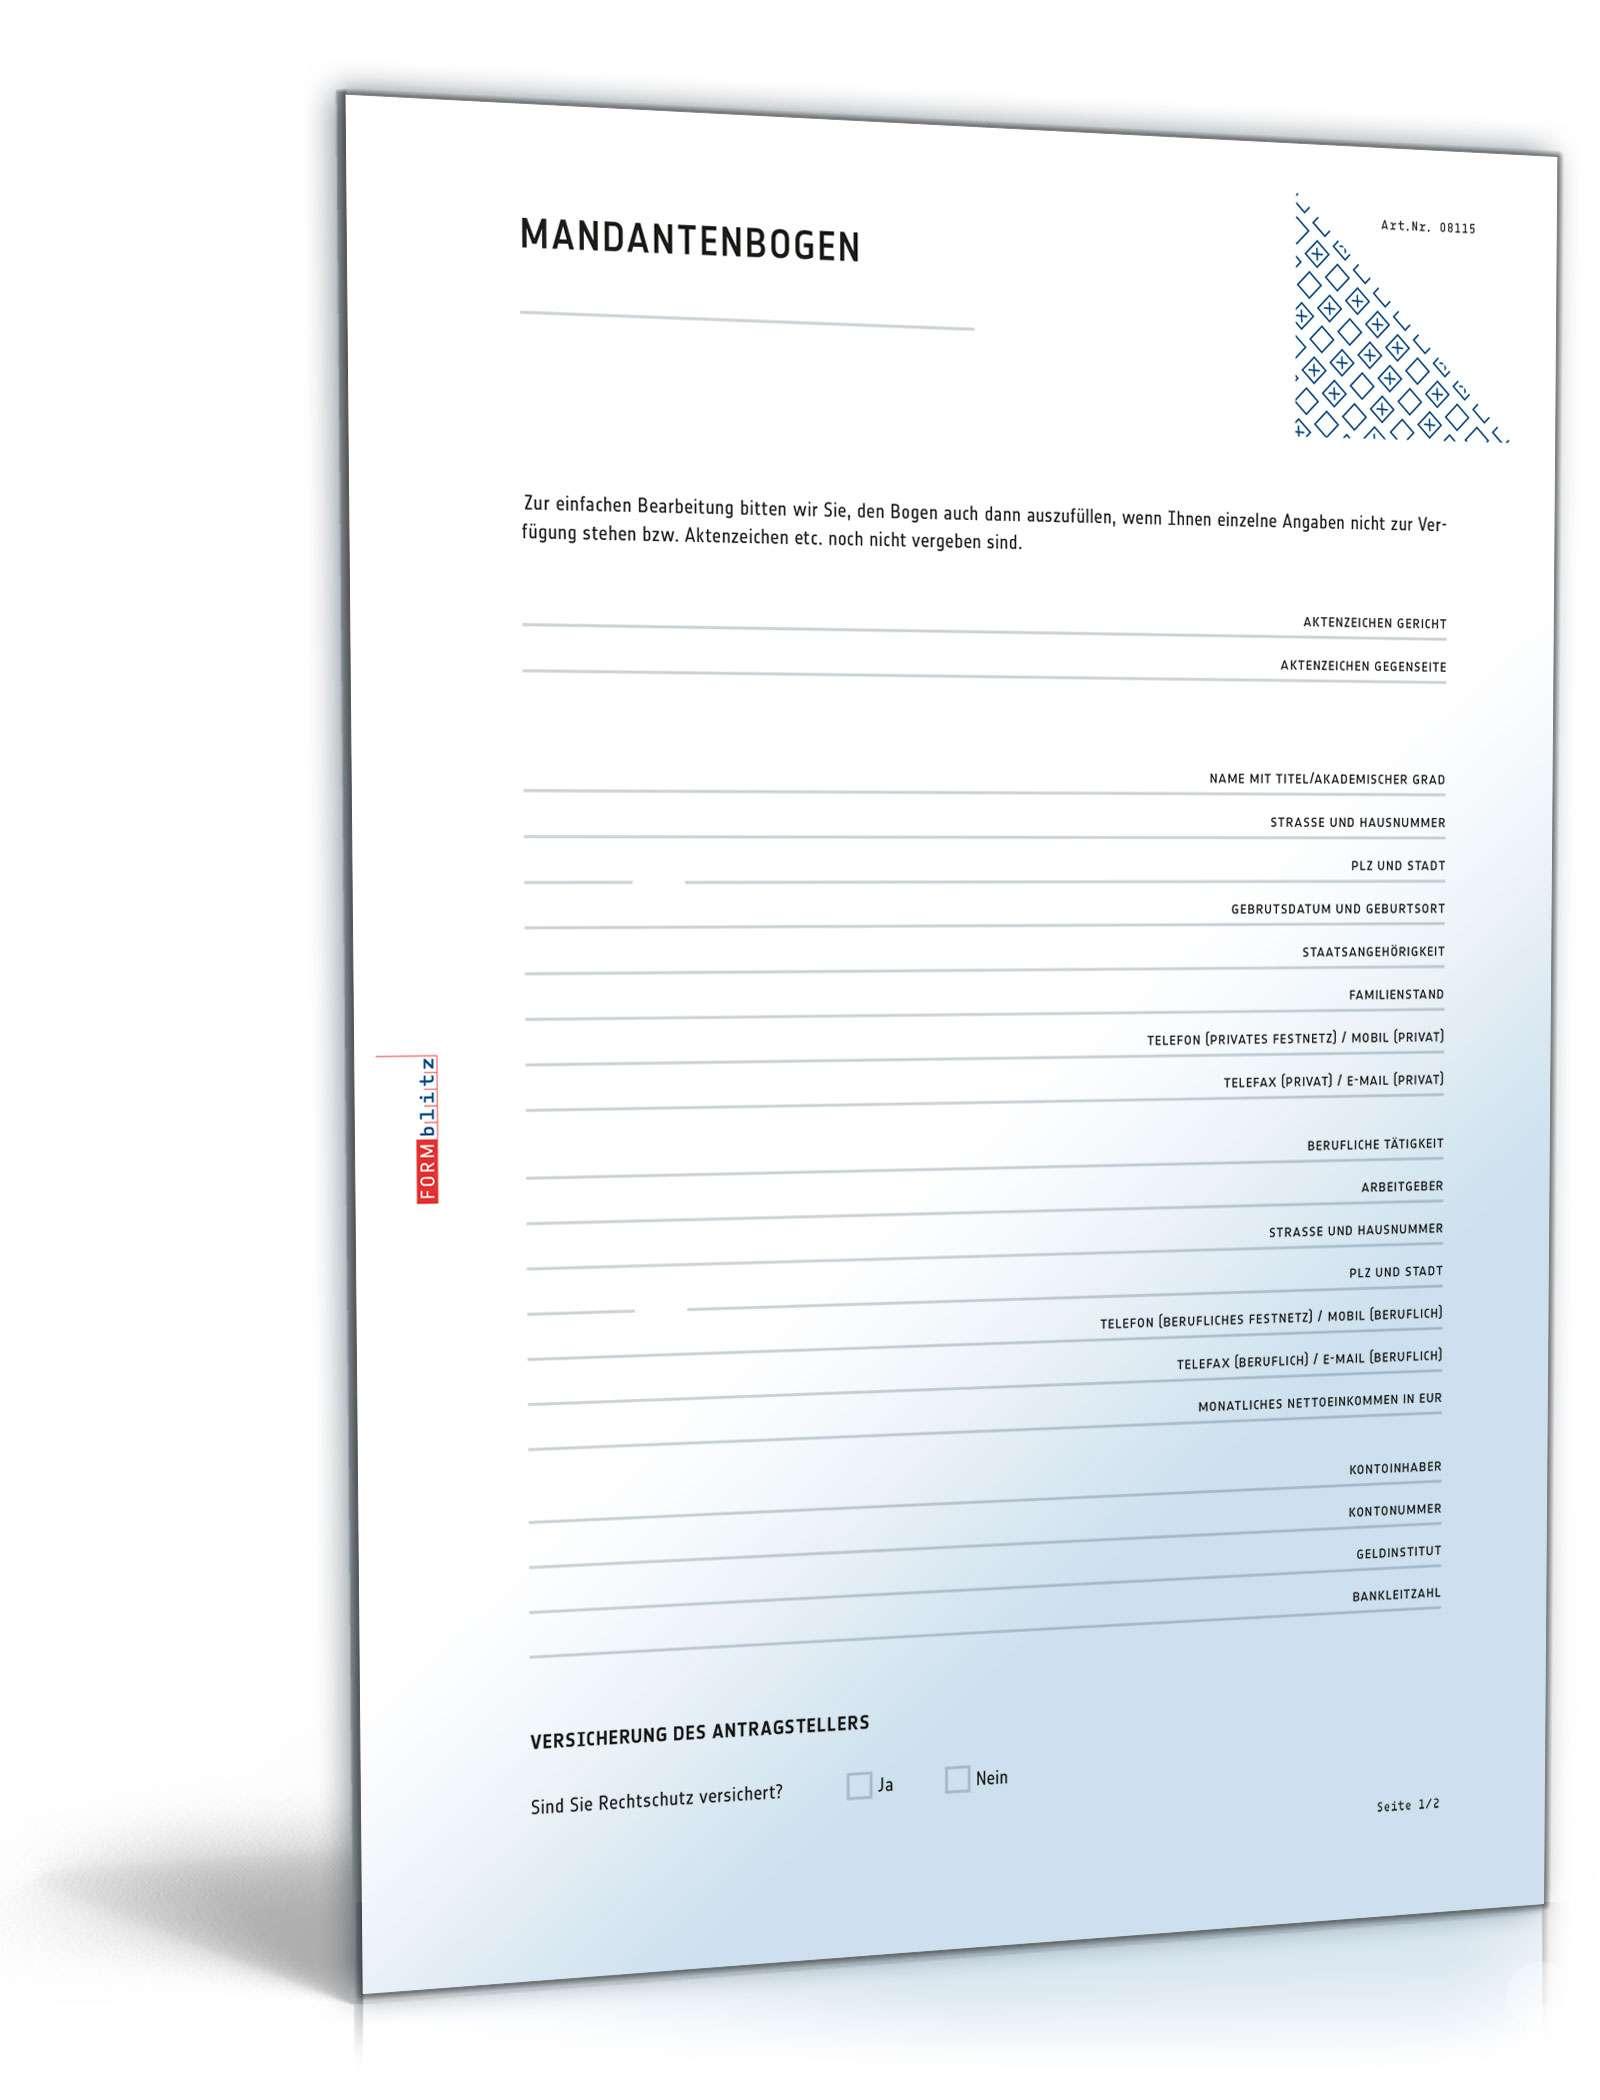 Mandantenbogen (natürliche Person) Dokument zum Download